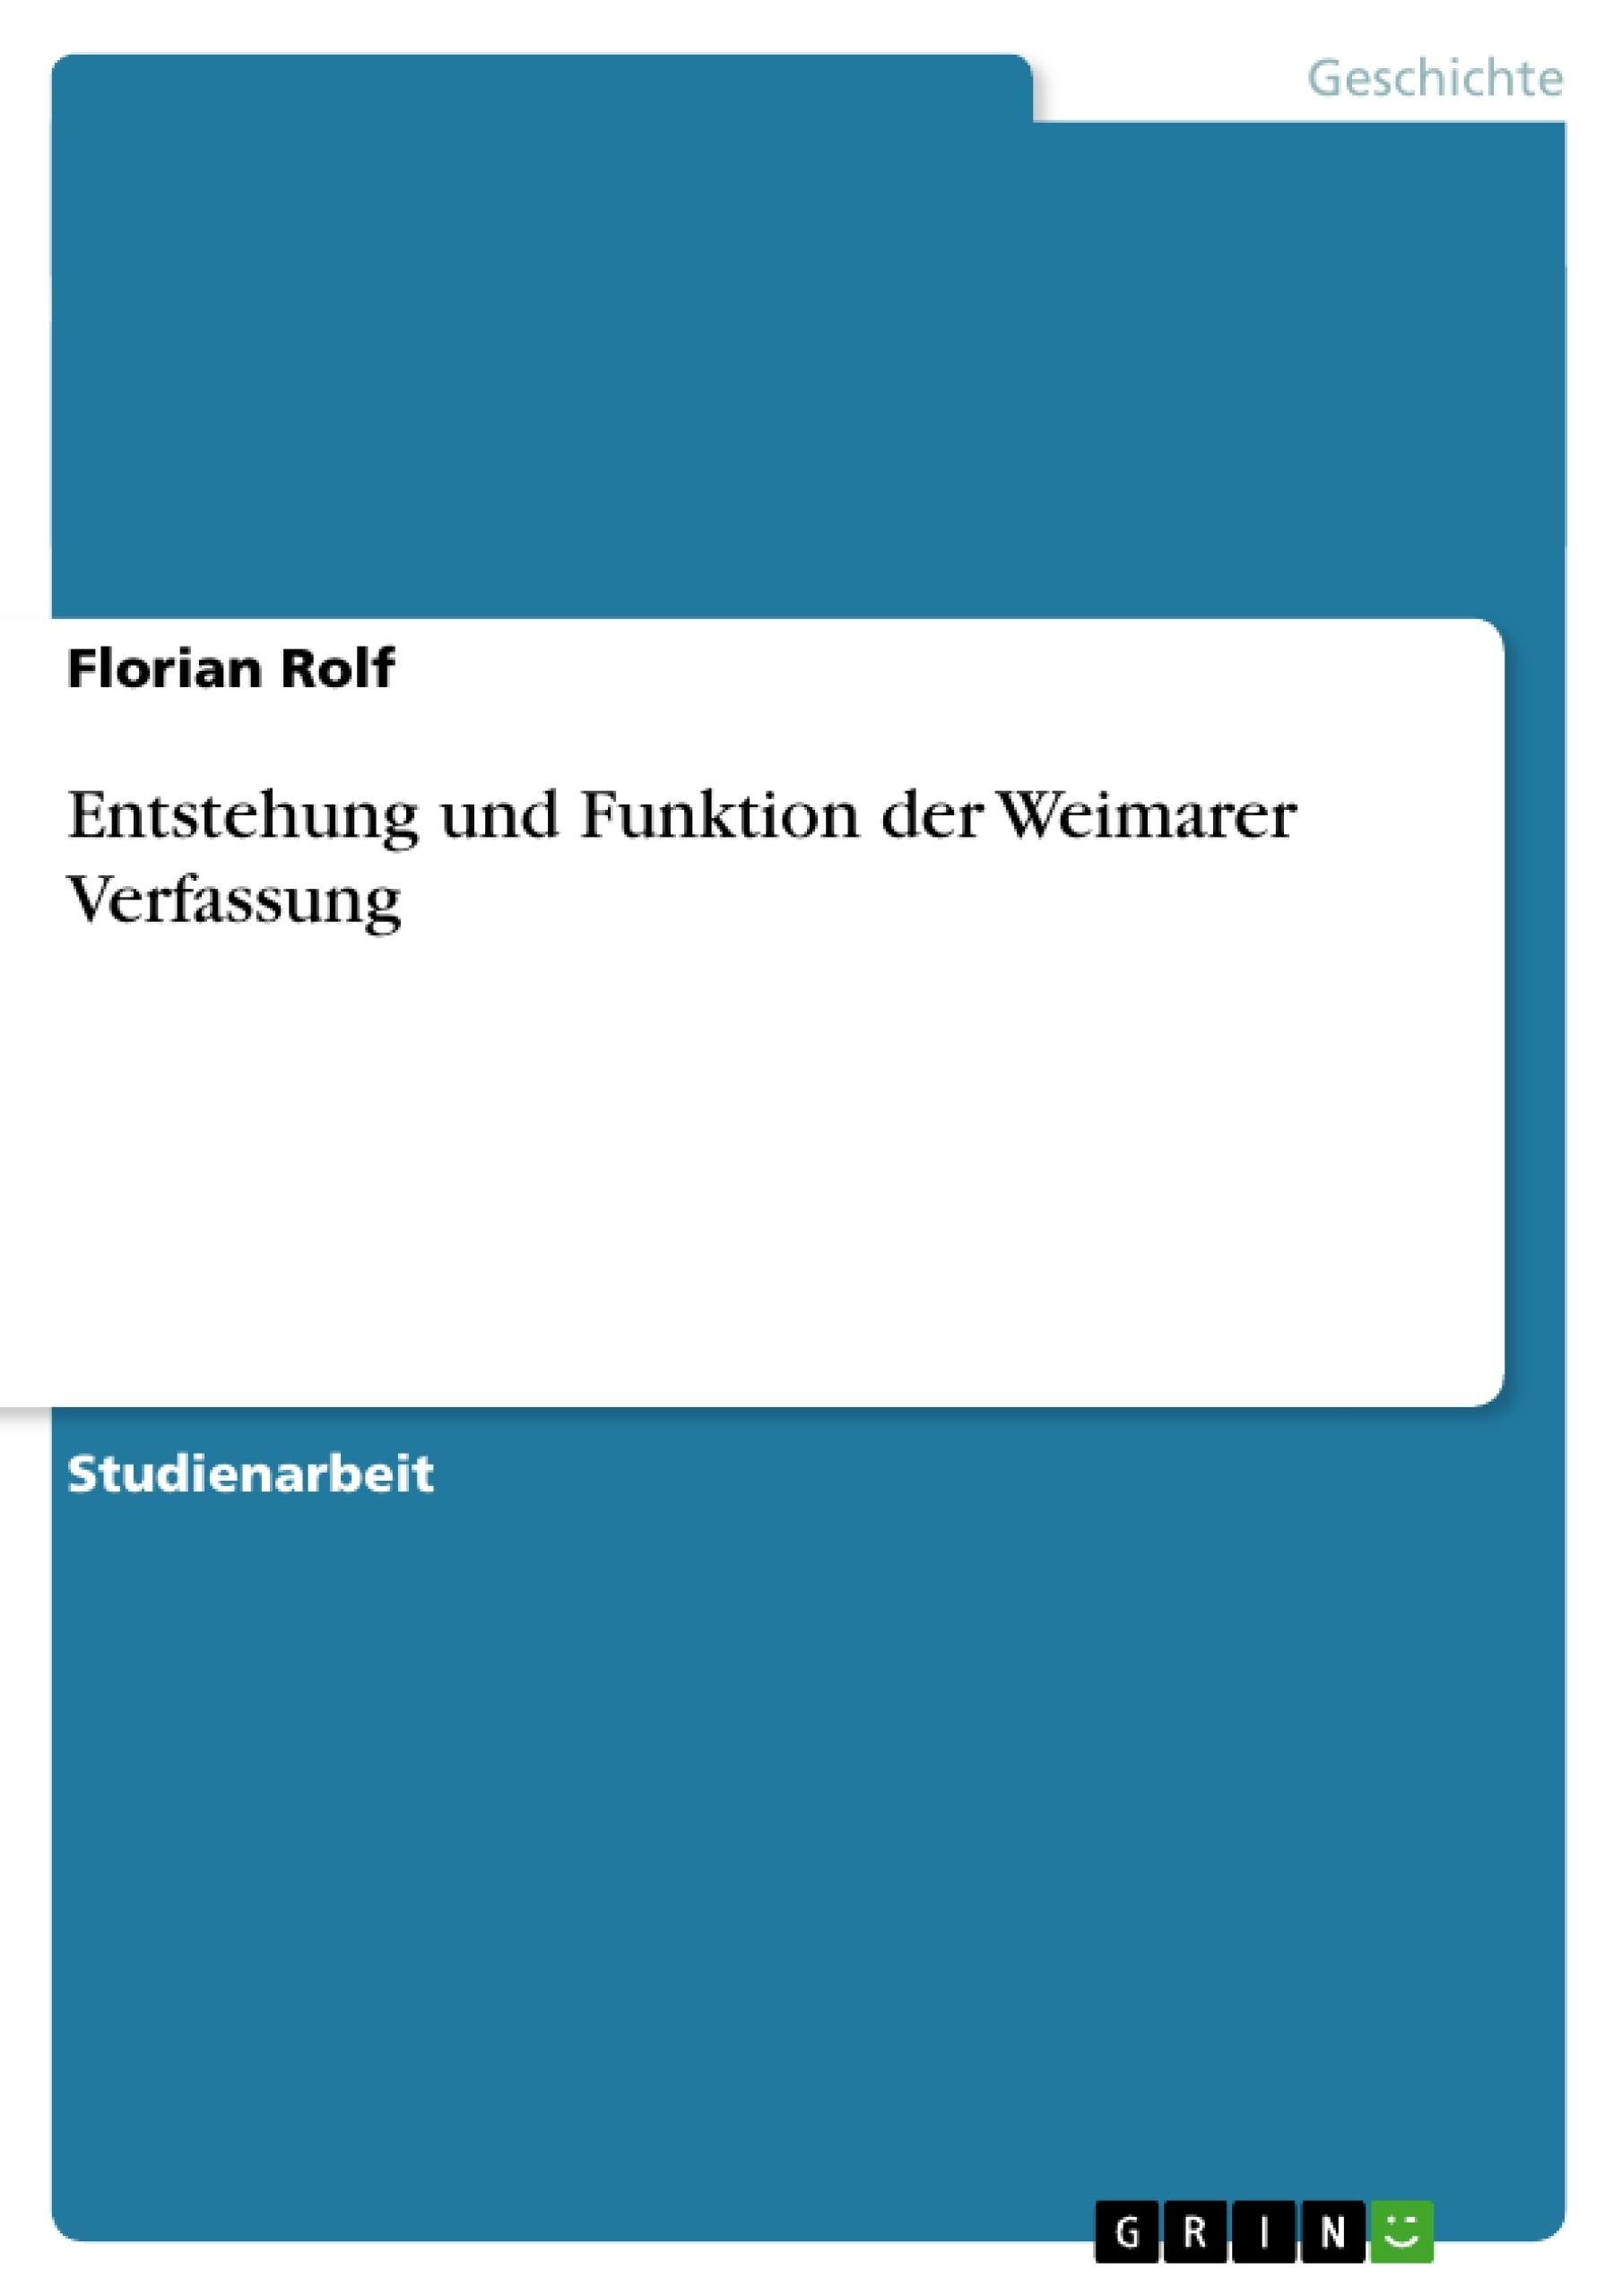 Titel: Entstehung und Funktion der Weimarer Verfassung